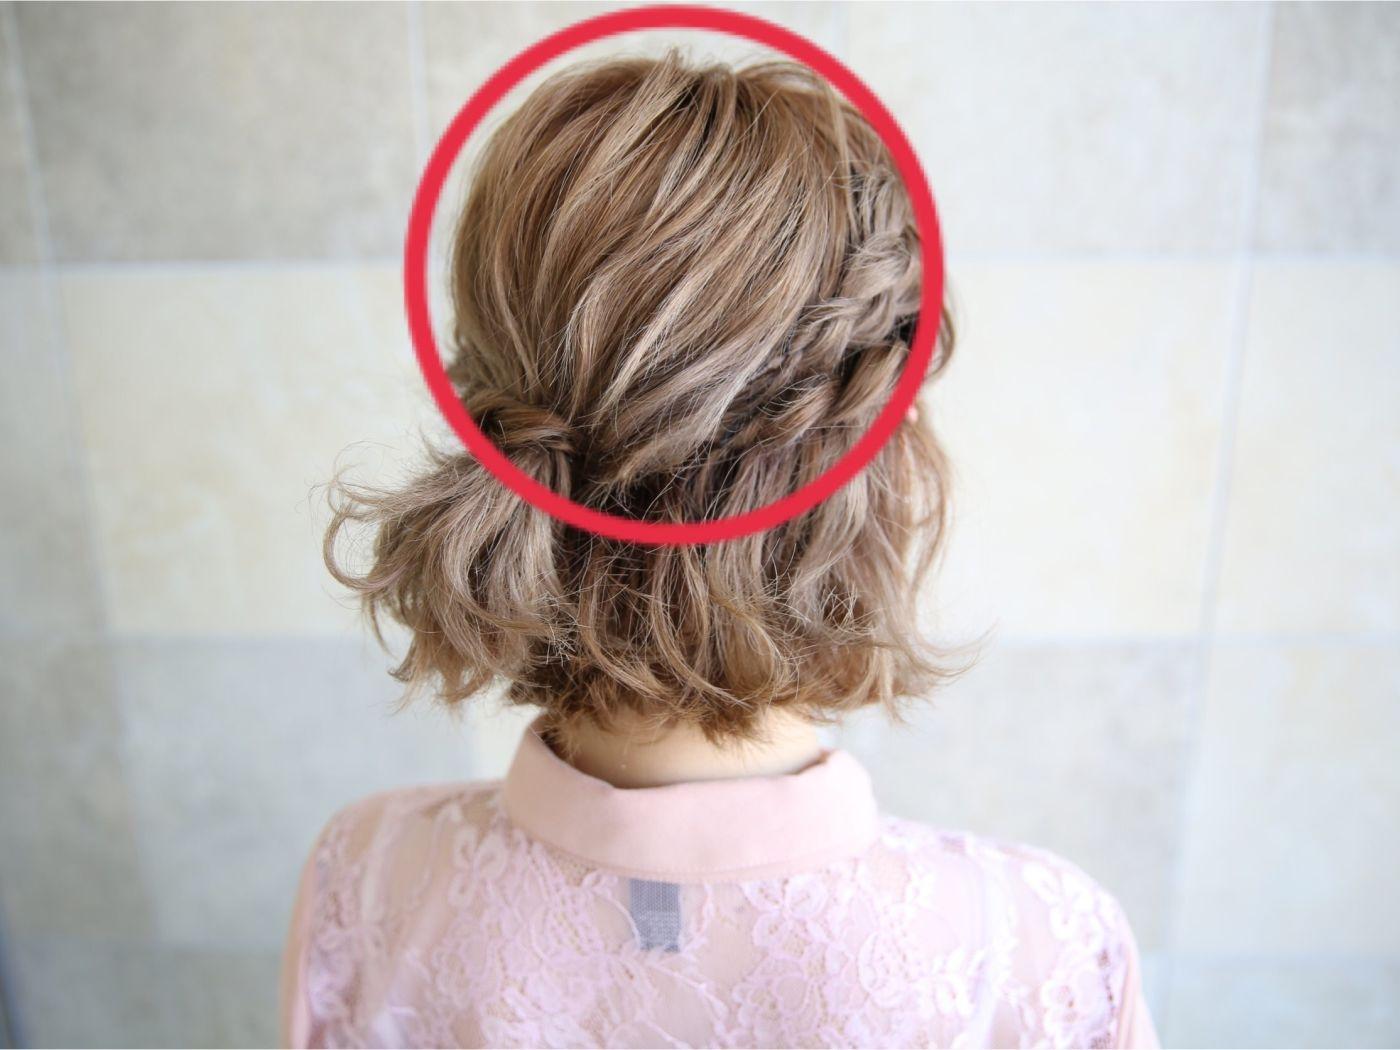 2つ目のポイントは''トップの髪の動き